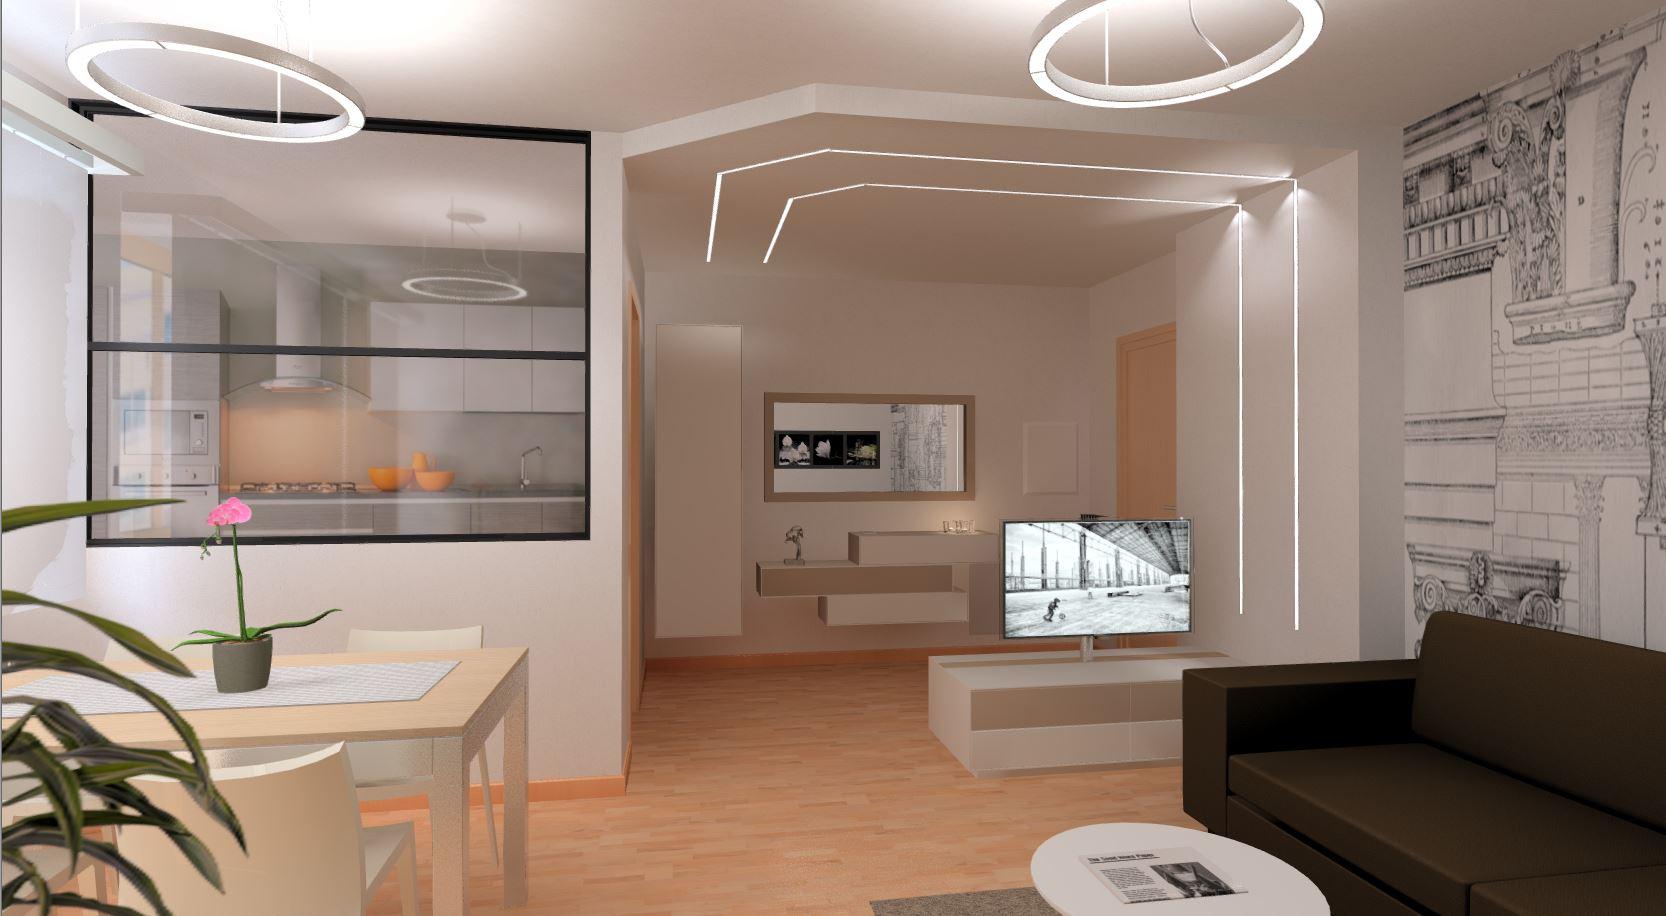 Franc - Interior design